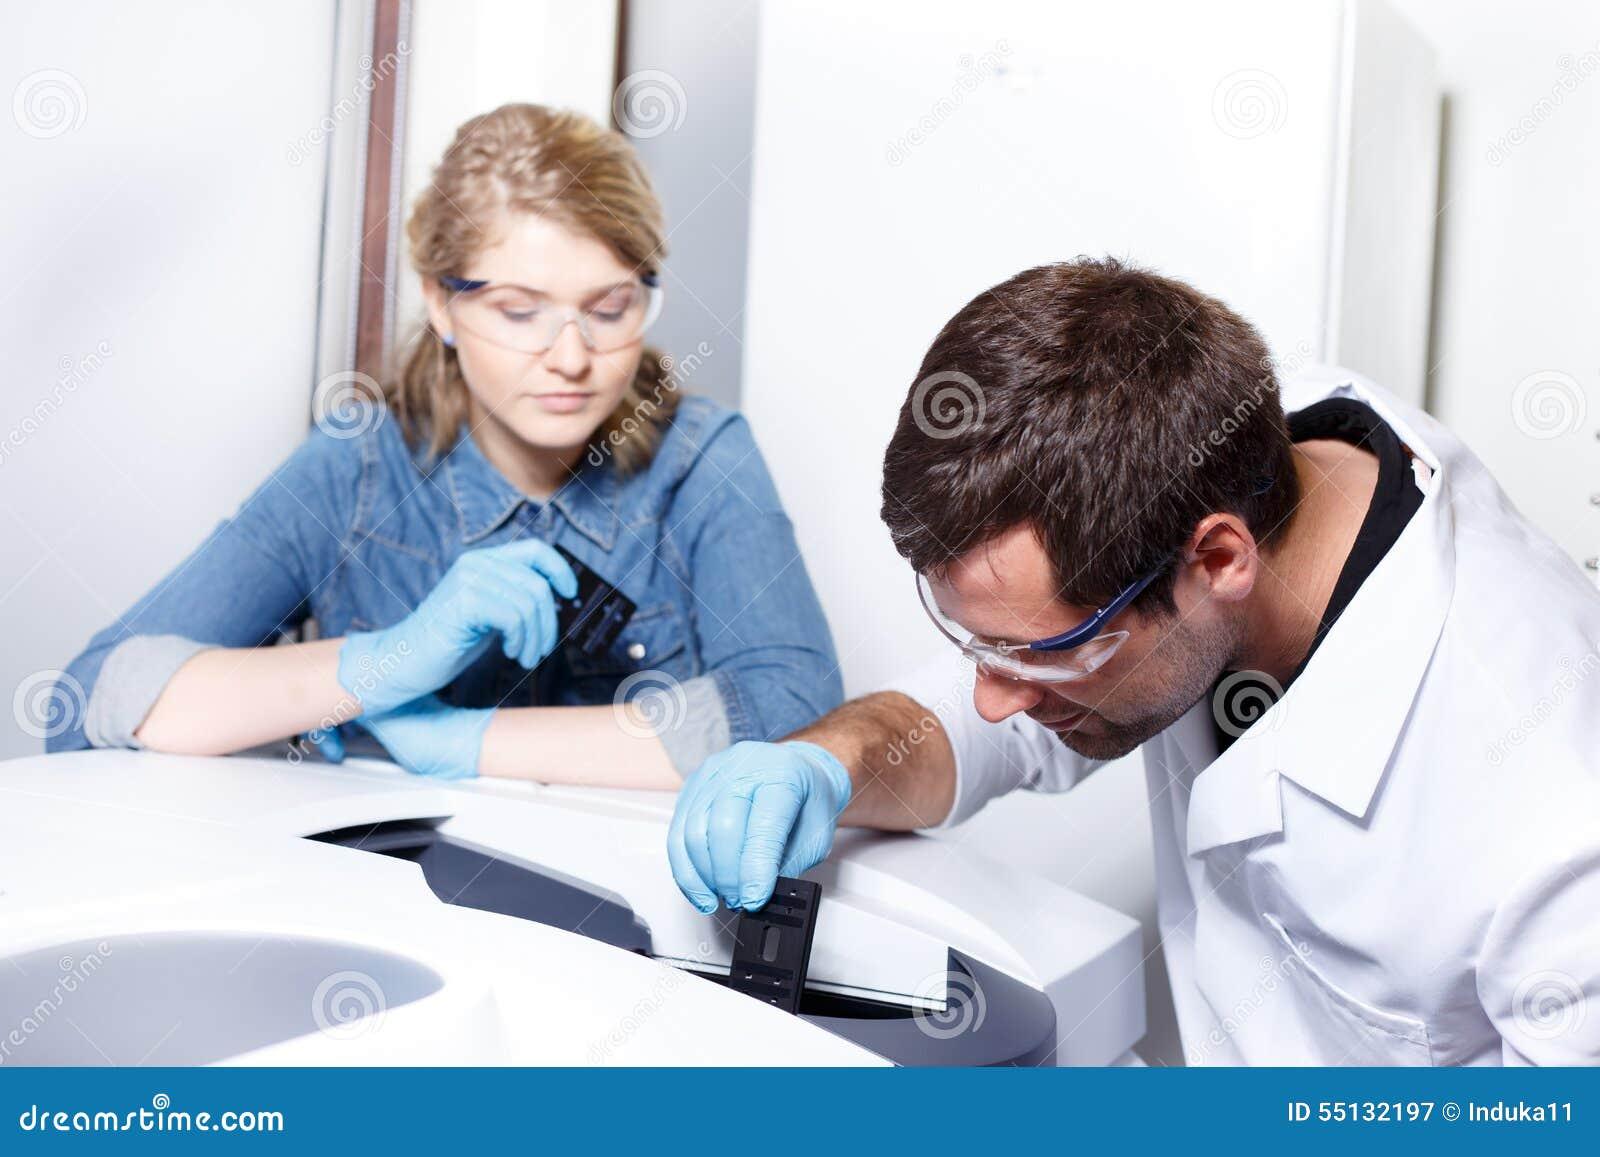 Forskareforskning i en labbmiljö